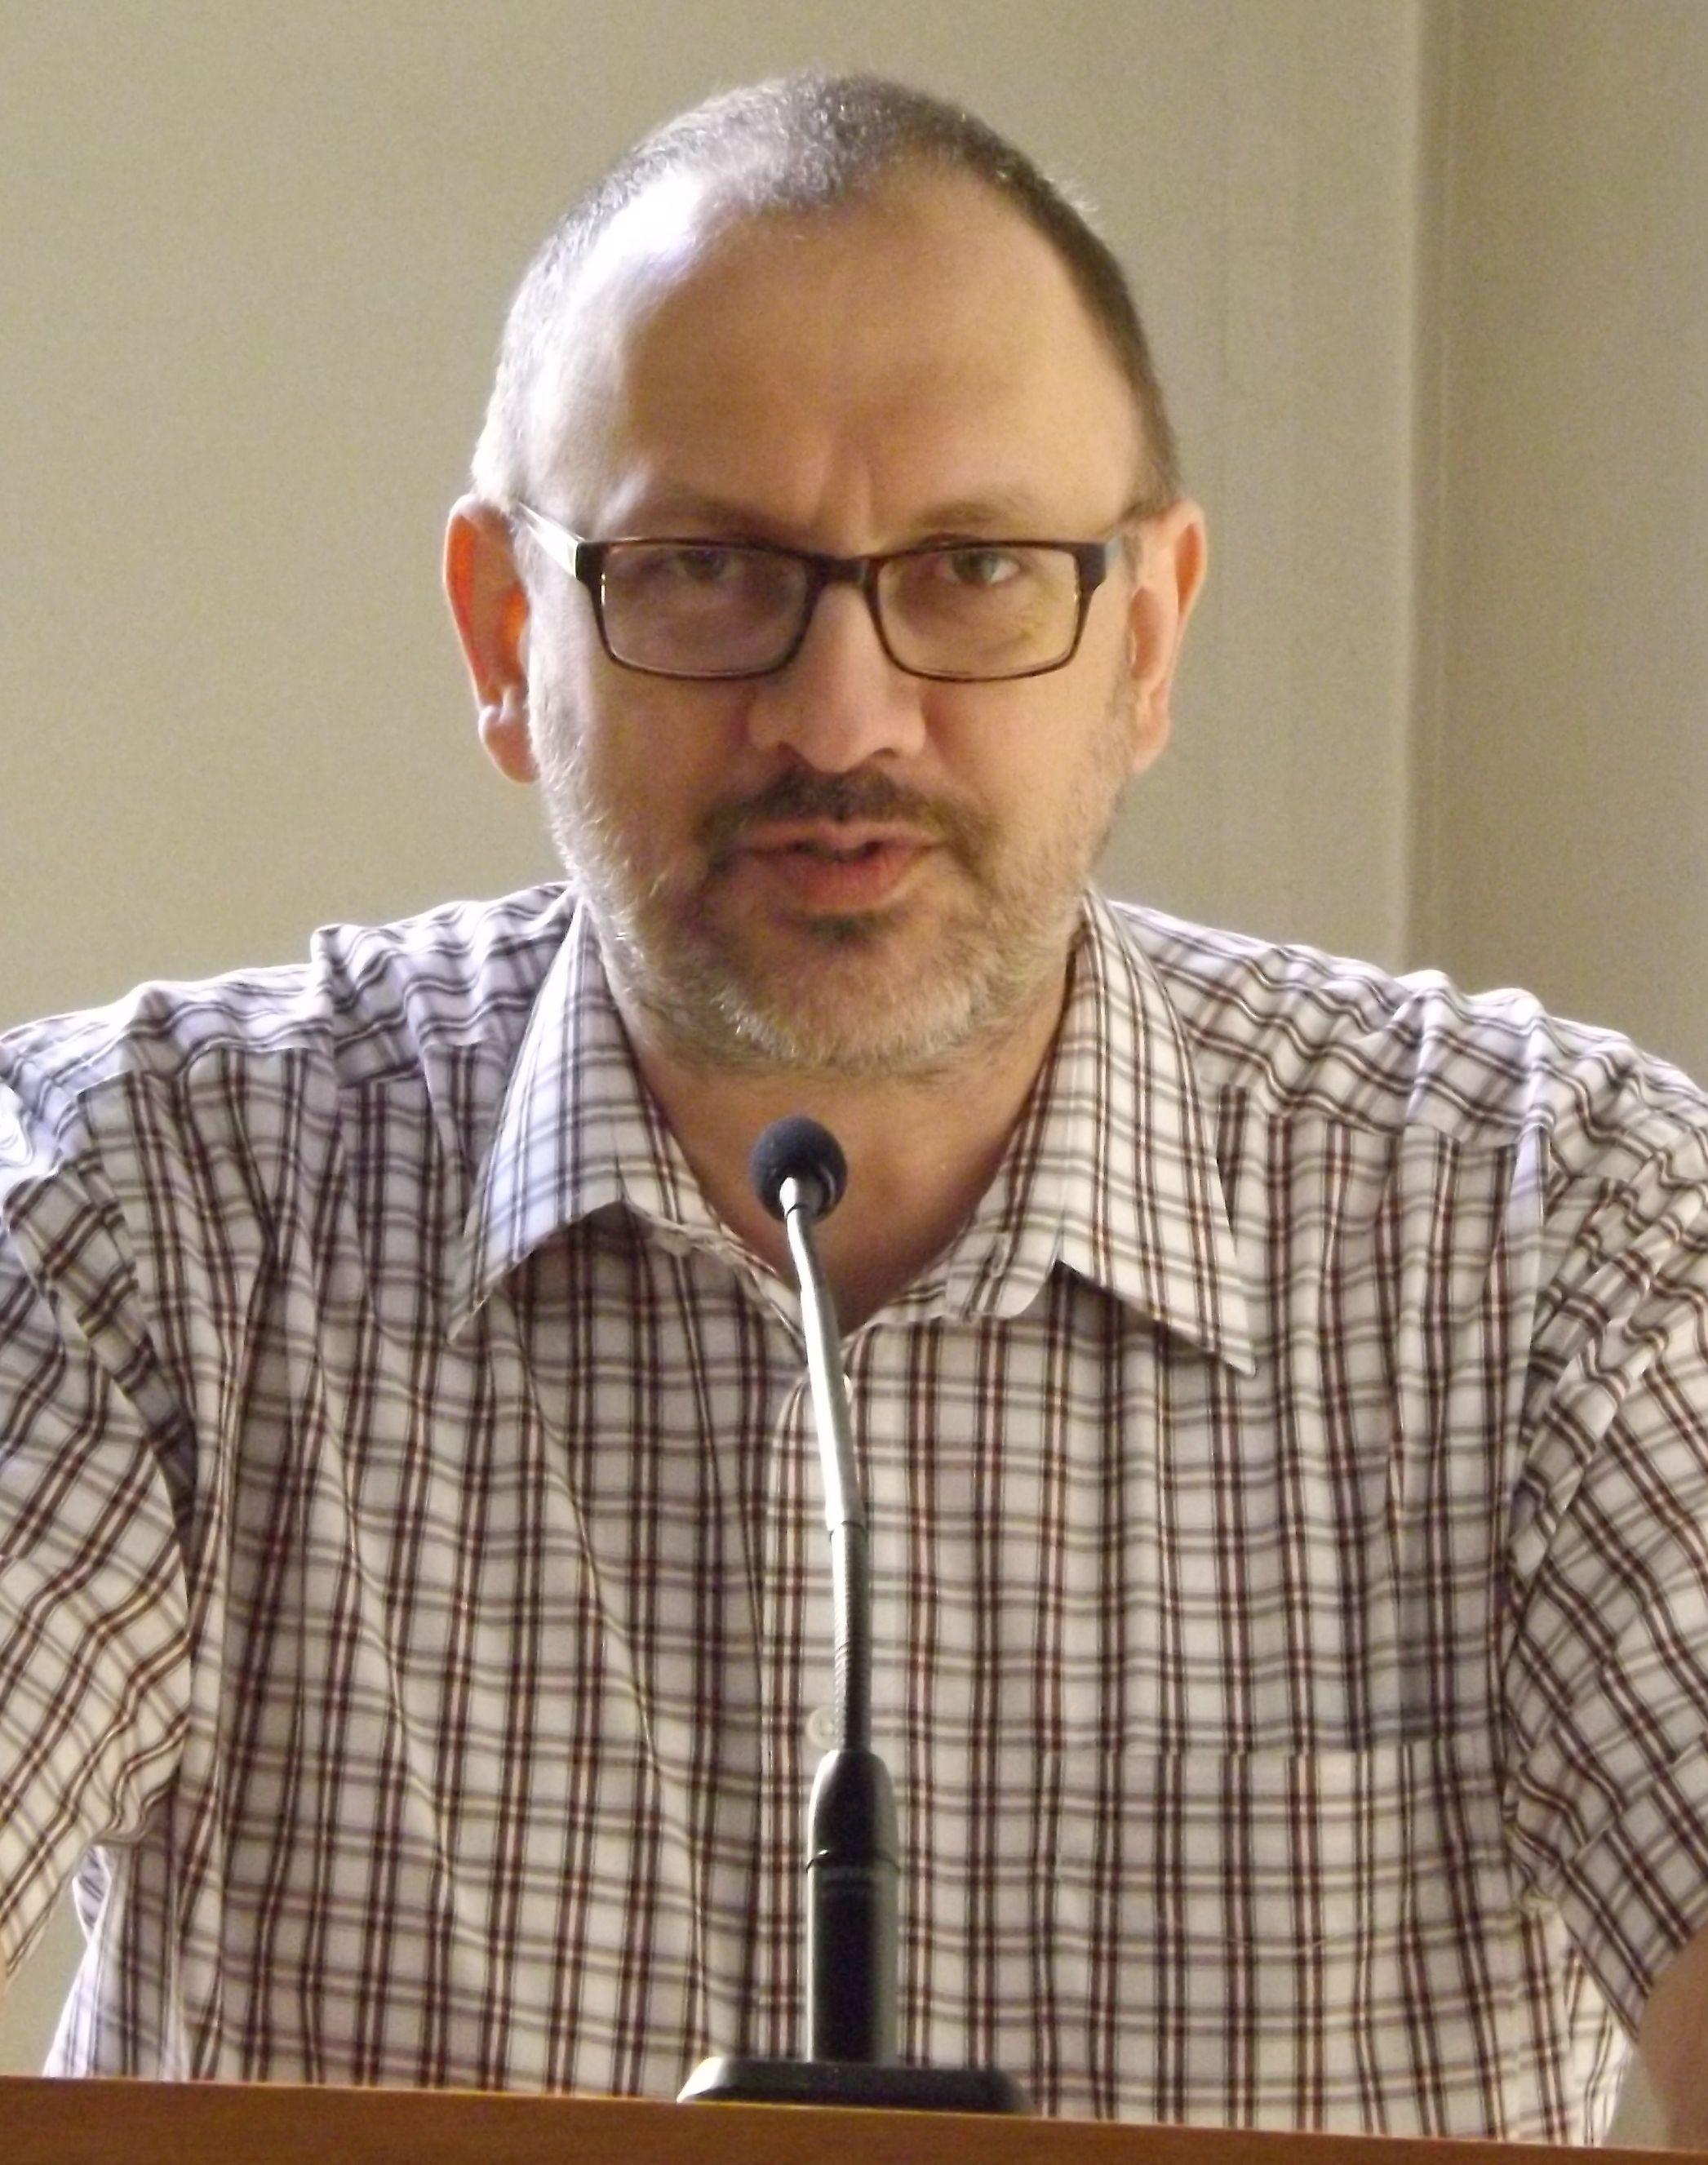 Martin Kuhn